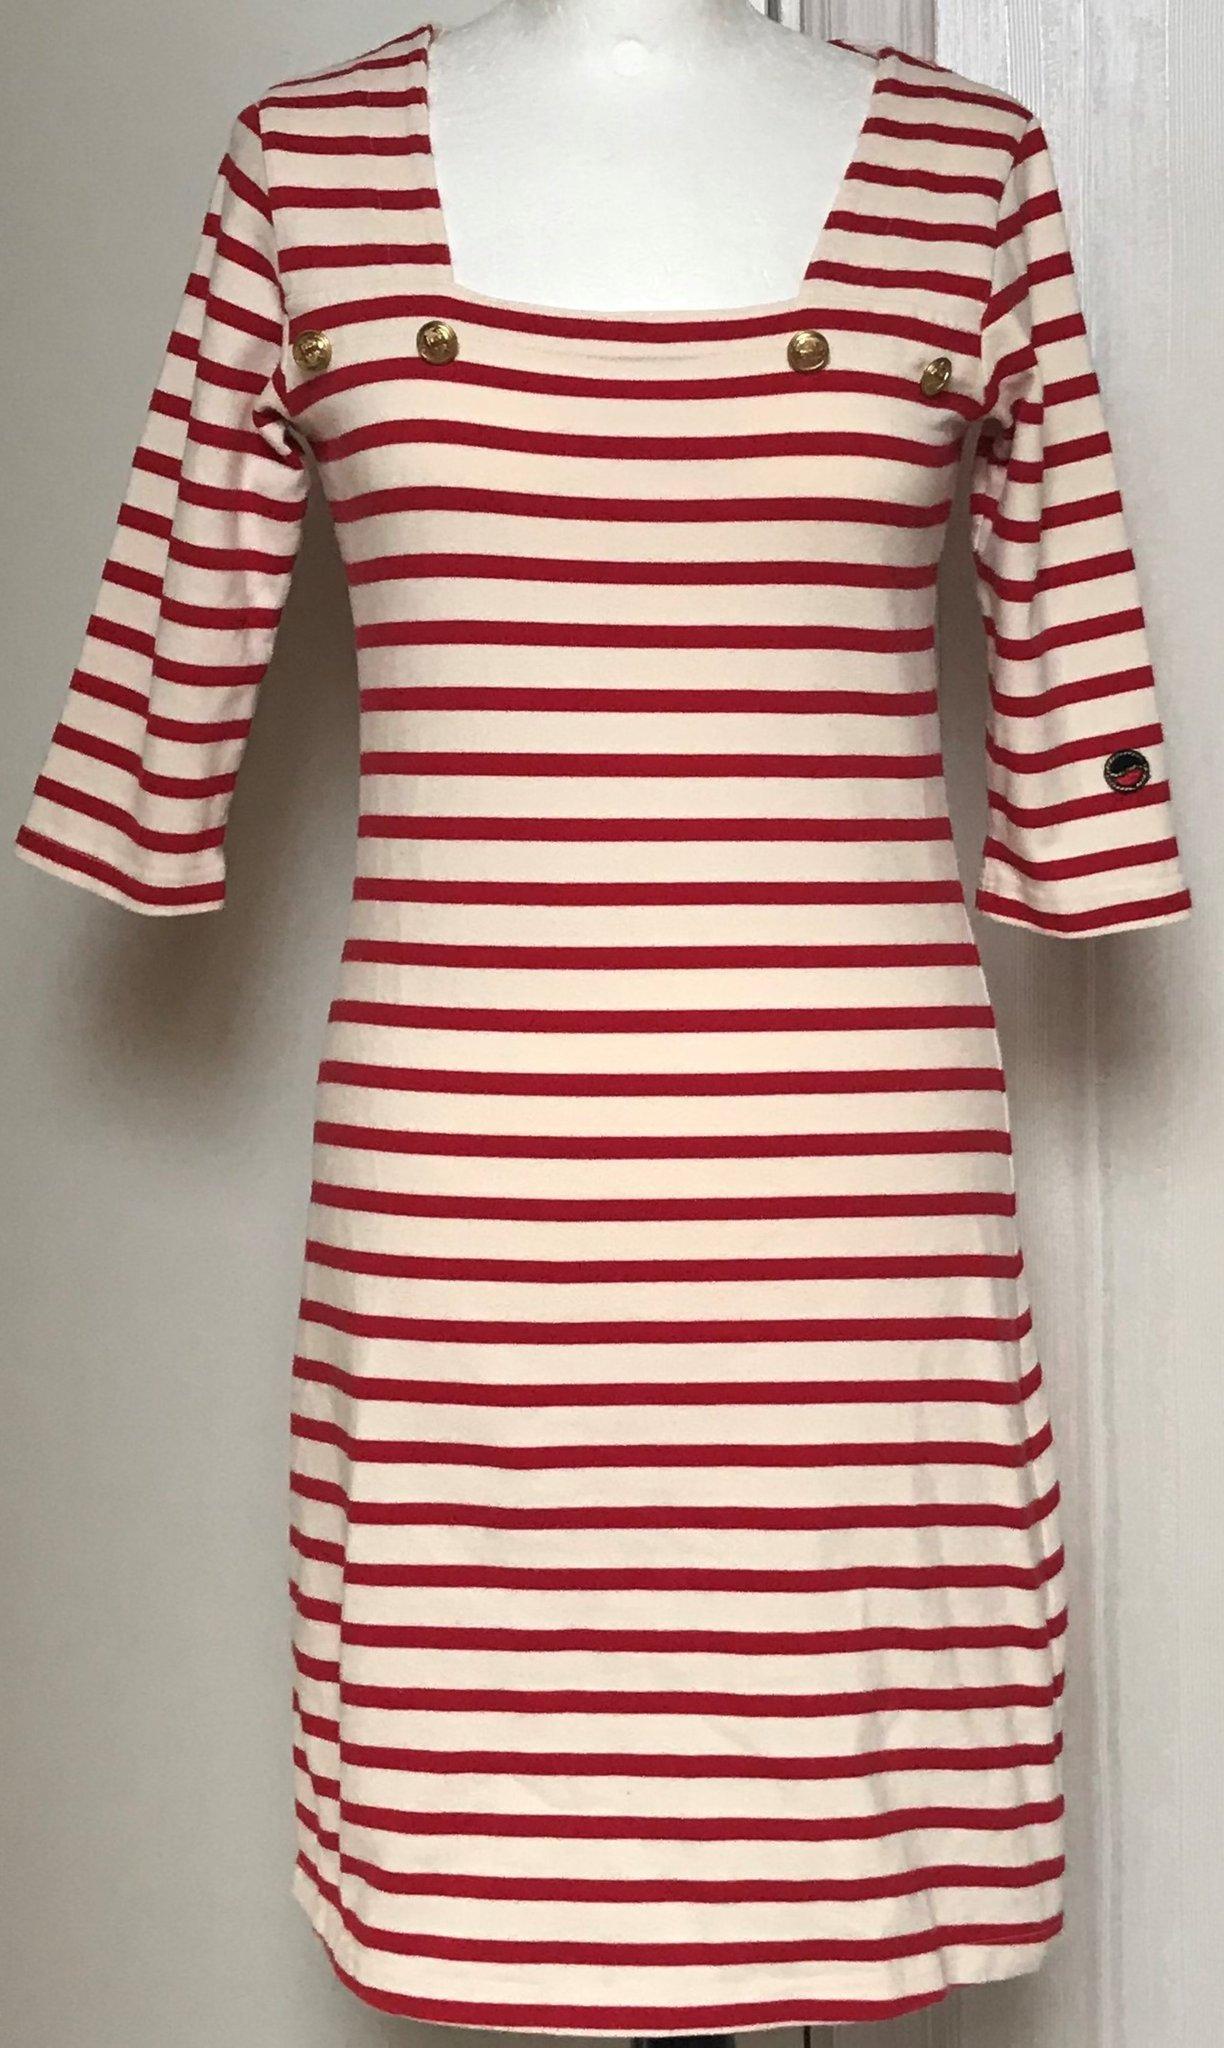 Snygg röd vit randig klänning storlek S från Bu.. (422114581